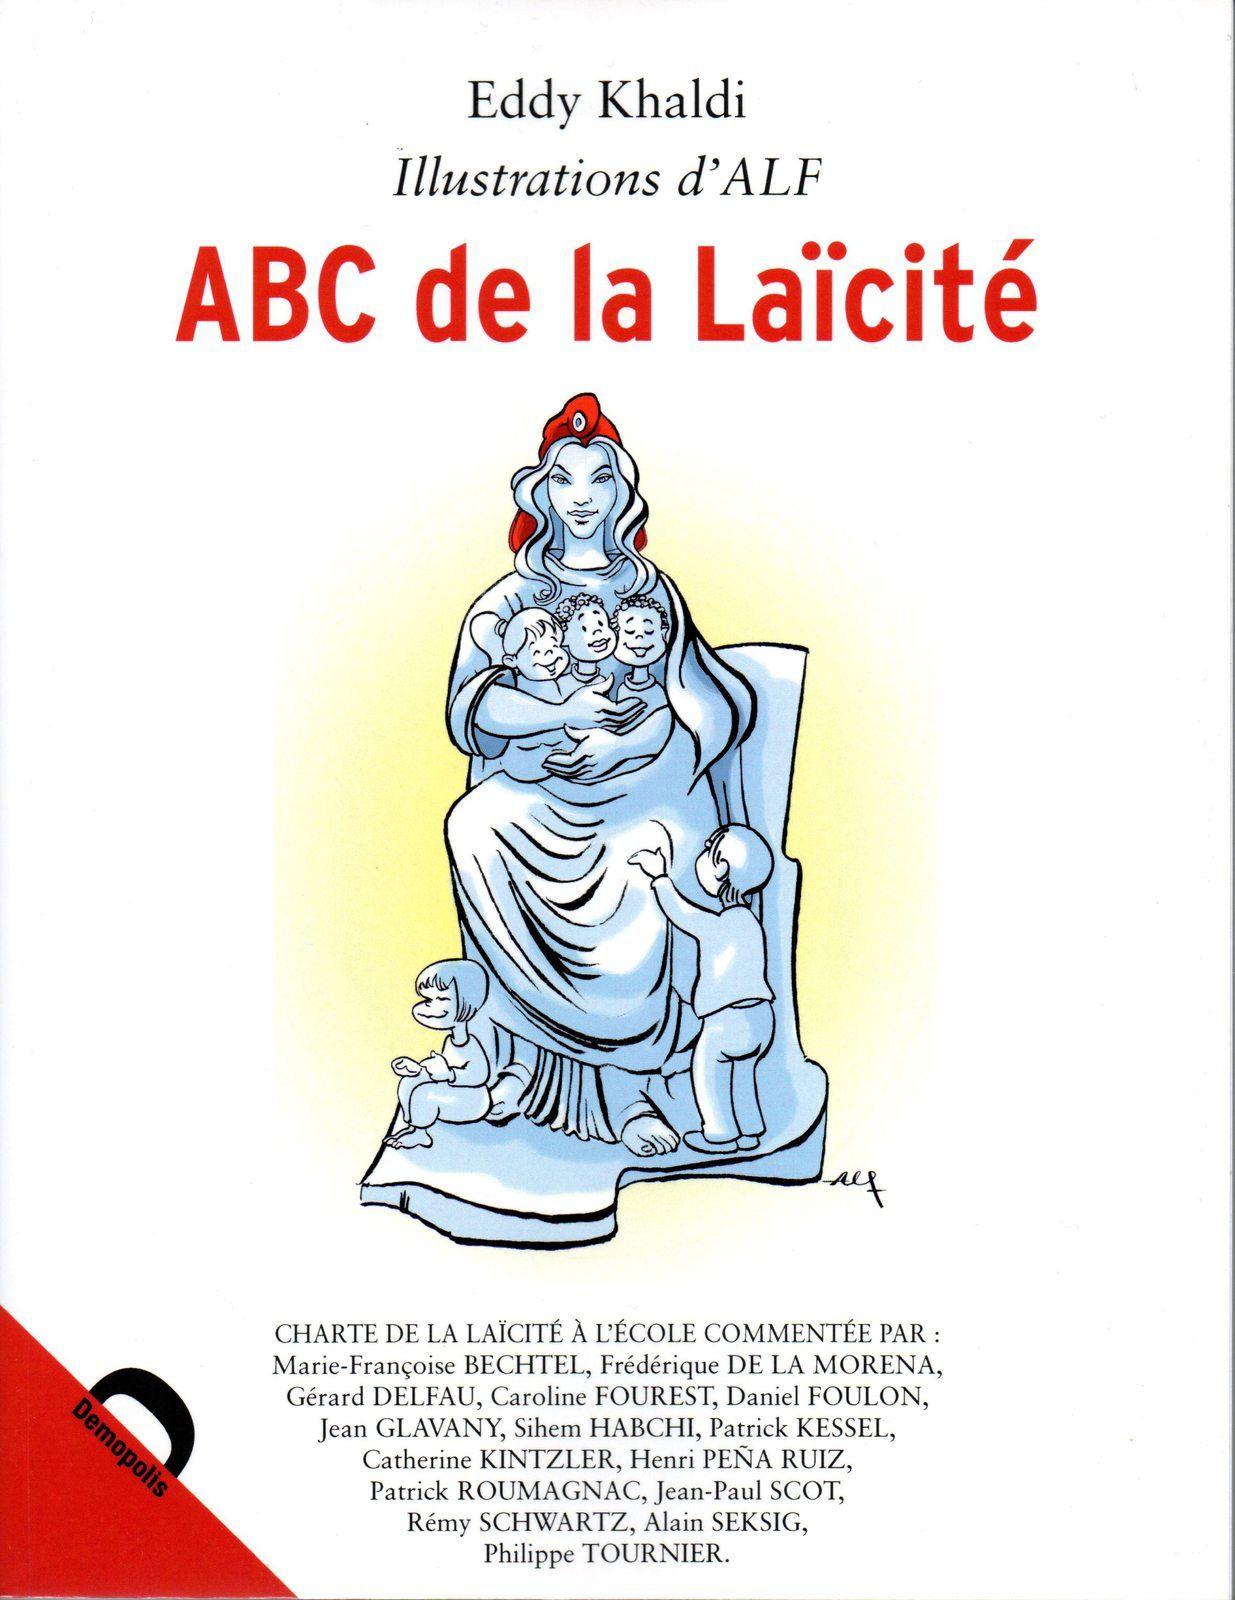 L'ABC de la Laïcité, par Eddy Khaldi et Alf